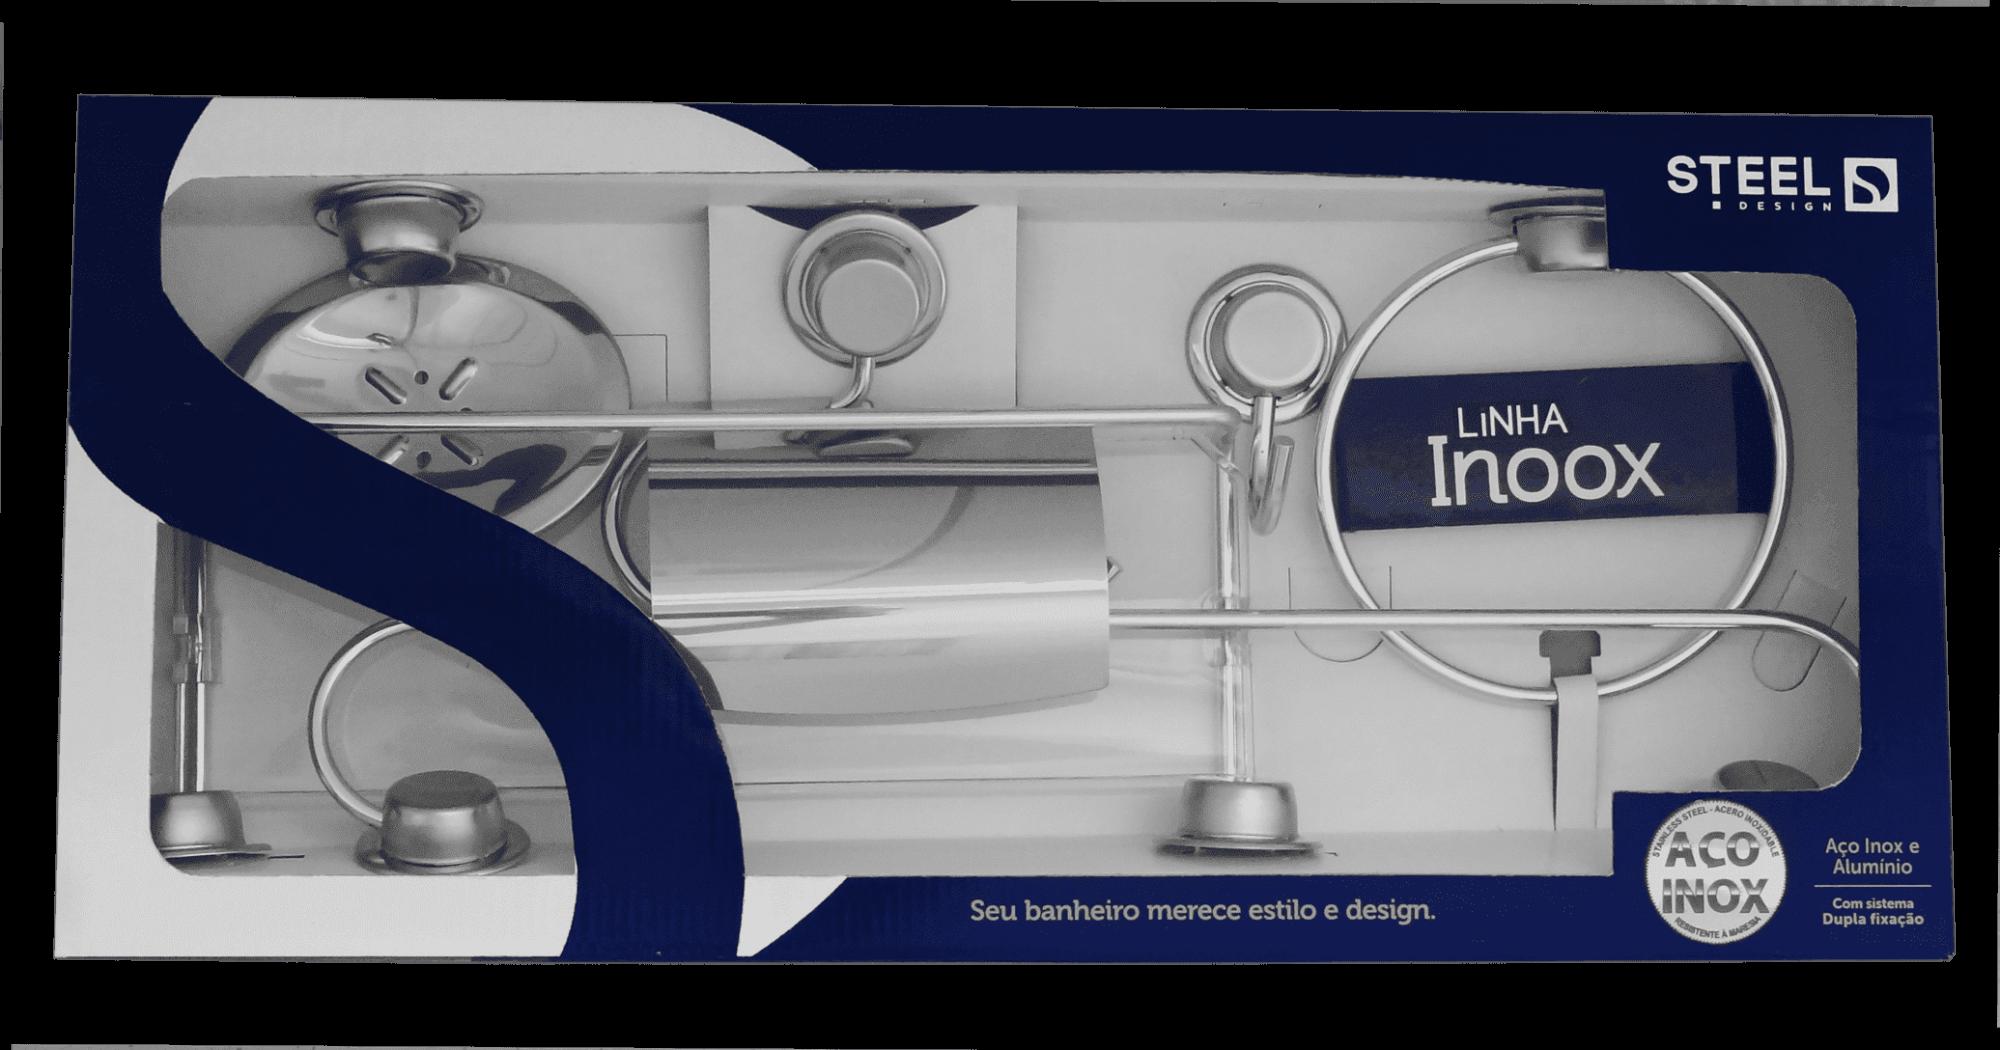 Kit Acessórios para Banheiro de Aço Inox com 6 peças Linha Inoox Steel Design